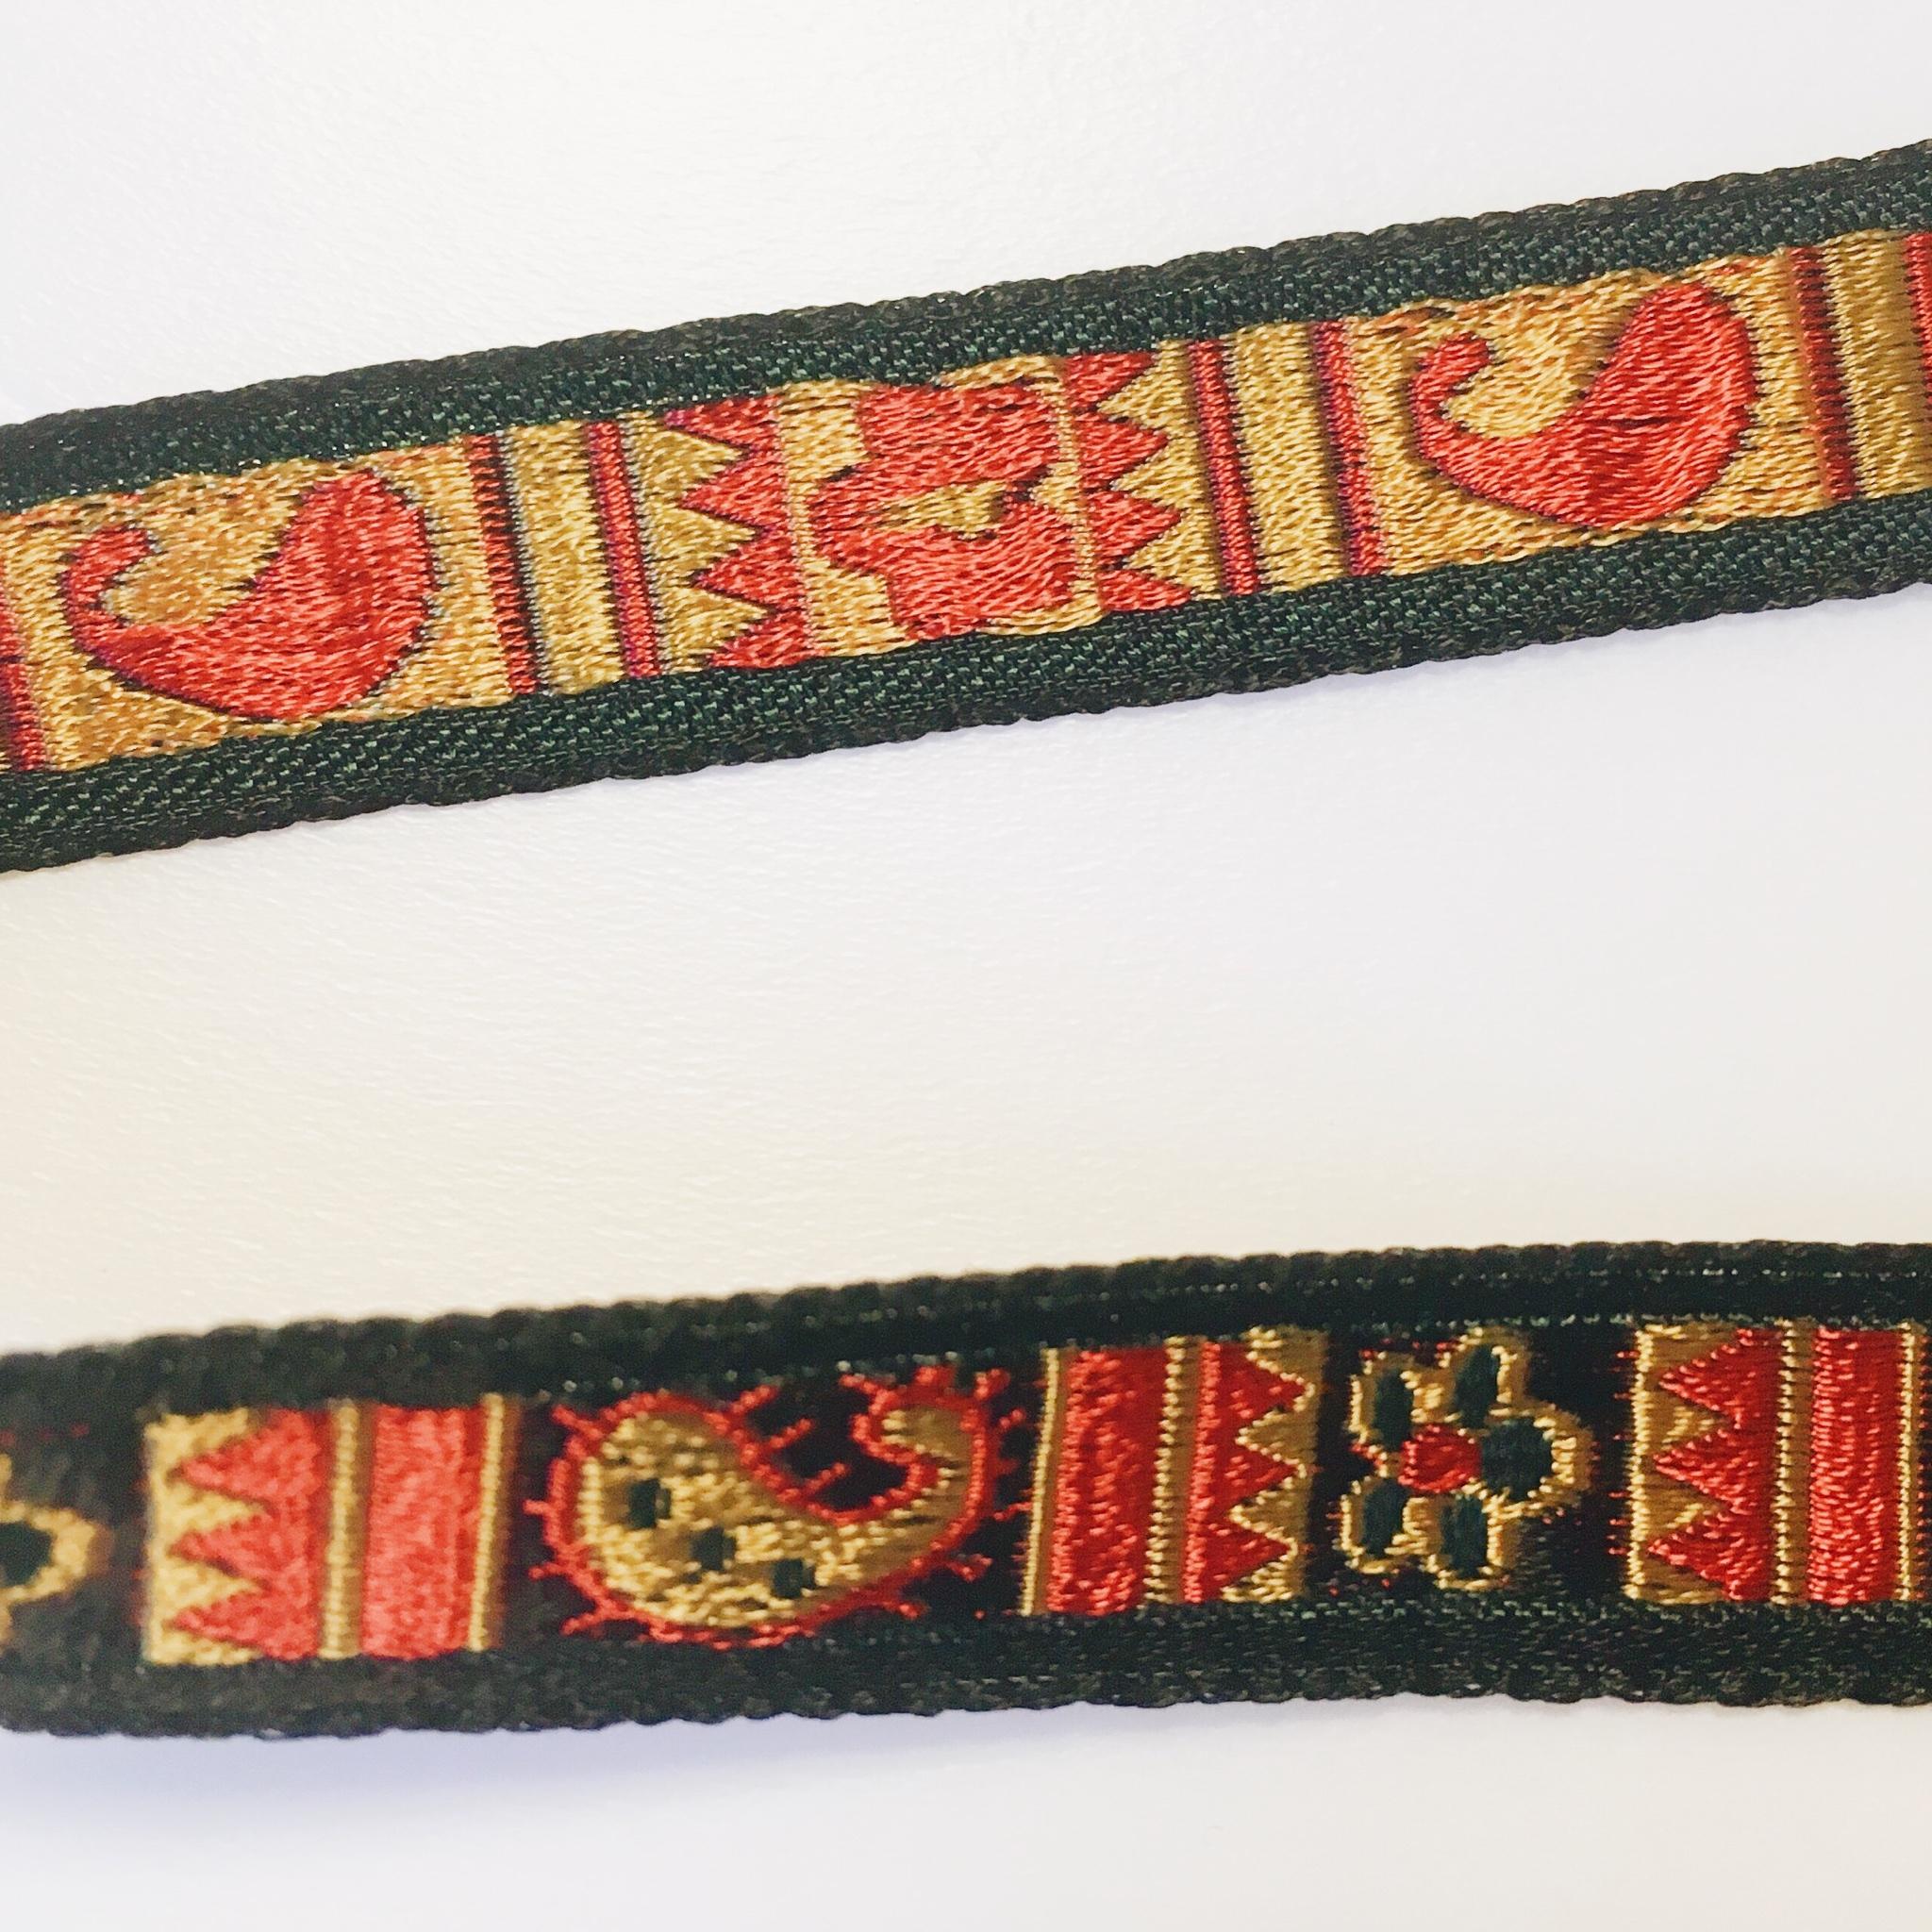 ≪オリジナル≫ペイズリー刺繍リボンチョーカー